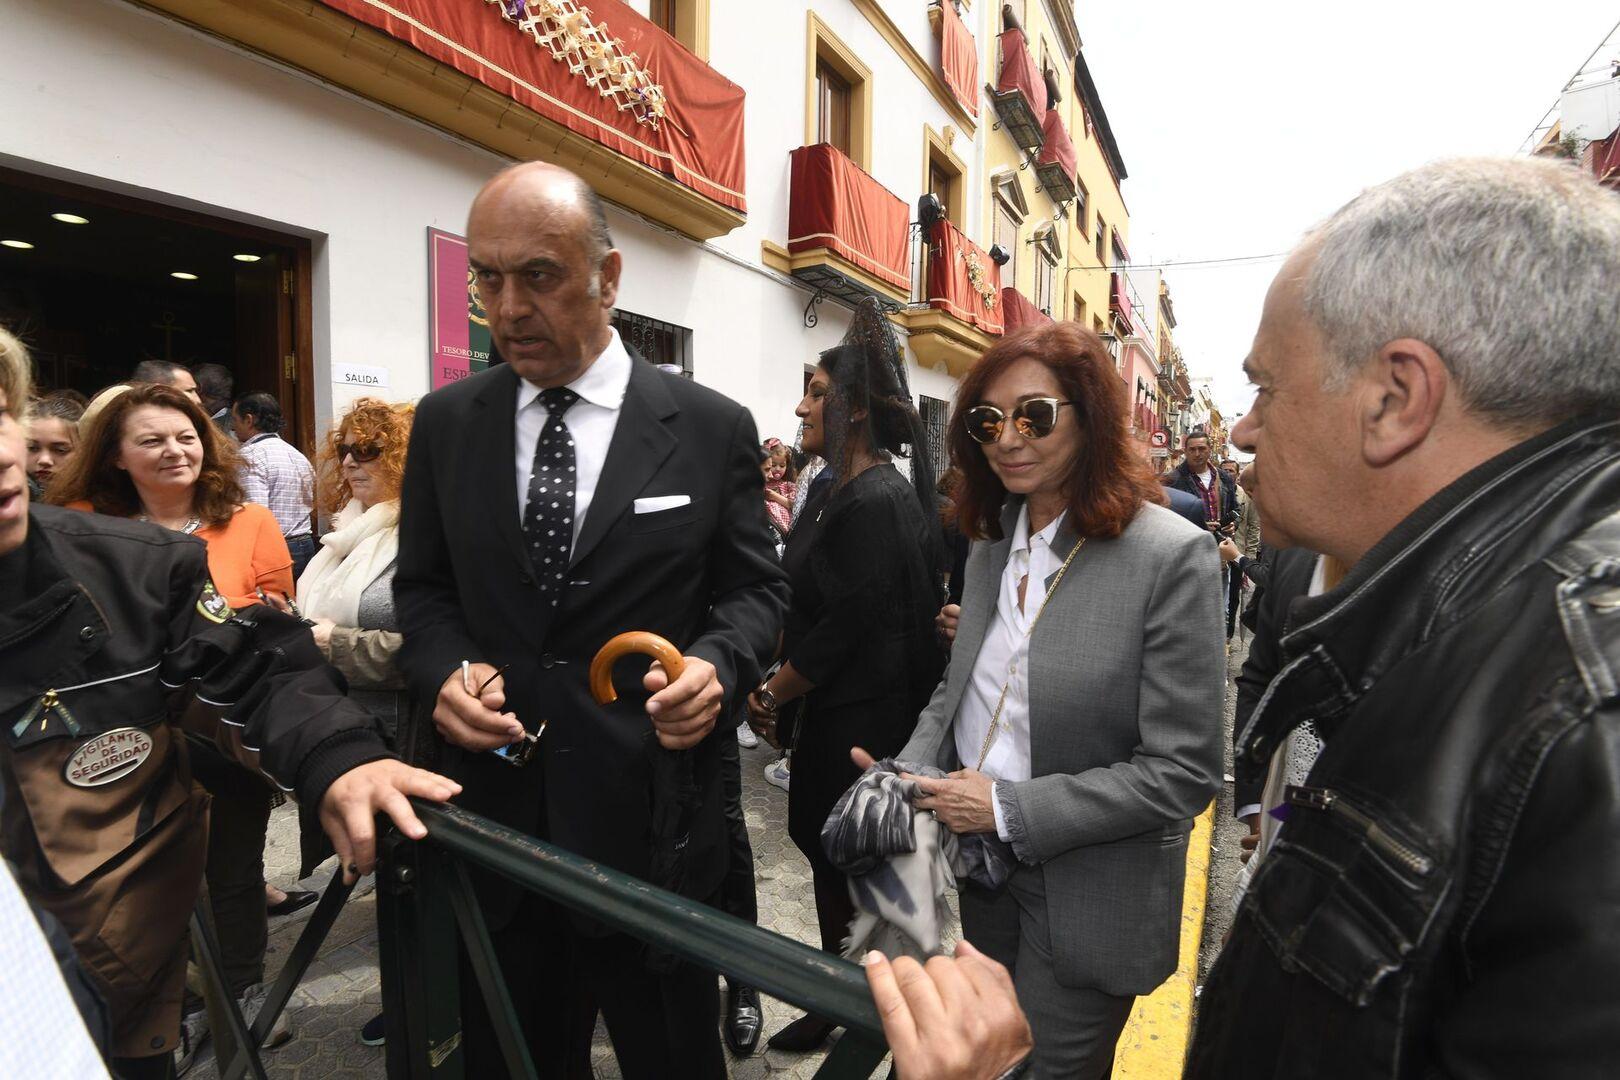 La escapada de Ana Rosa Quintana y su marido a la Semana Santa de Sevilla